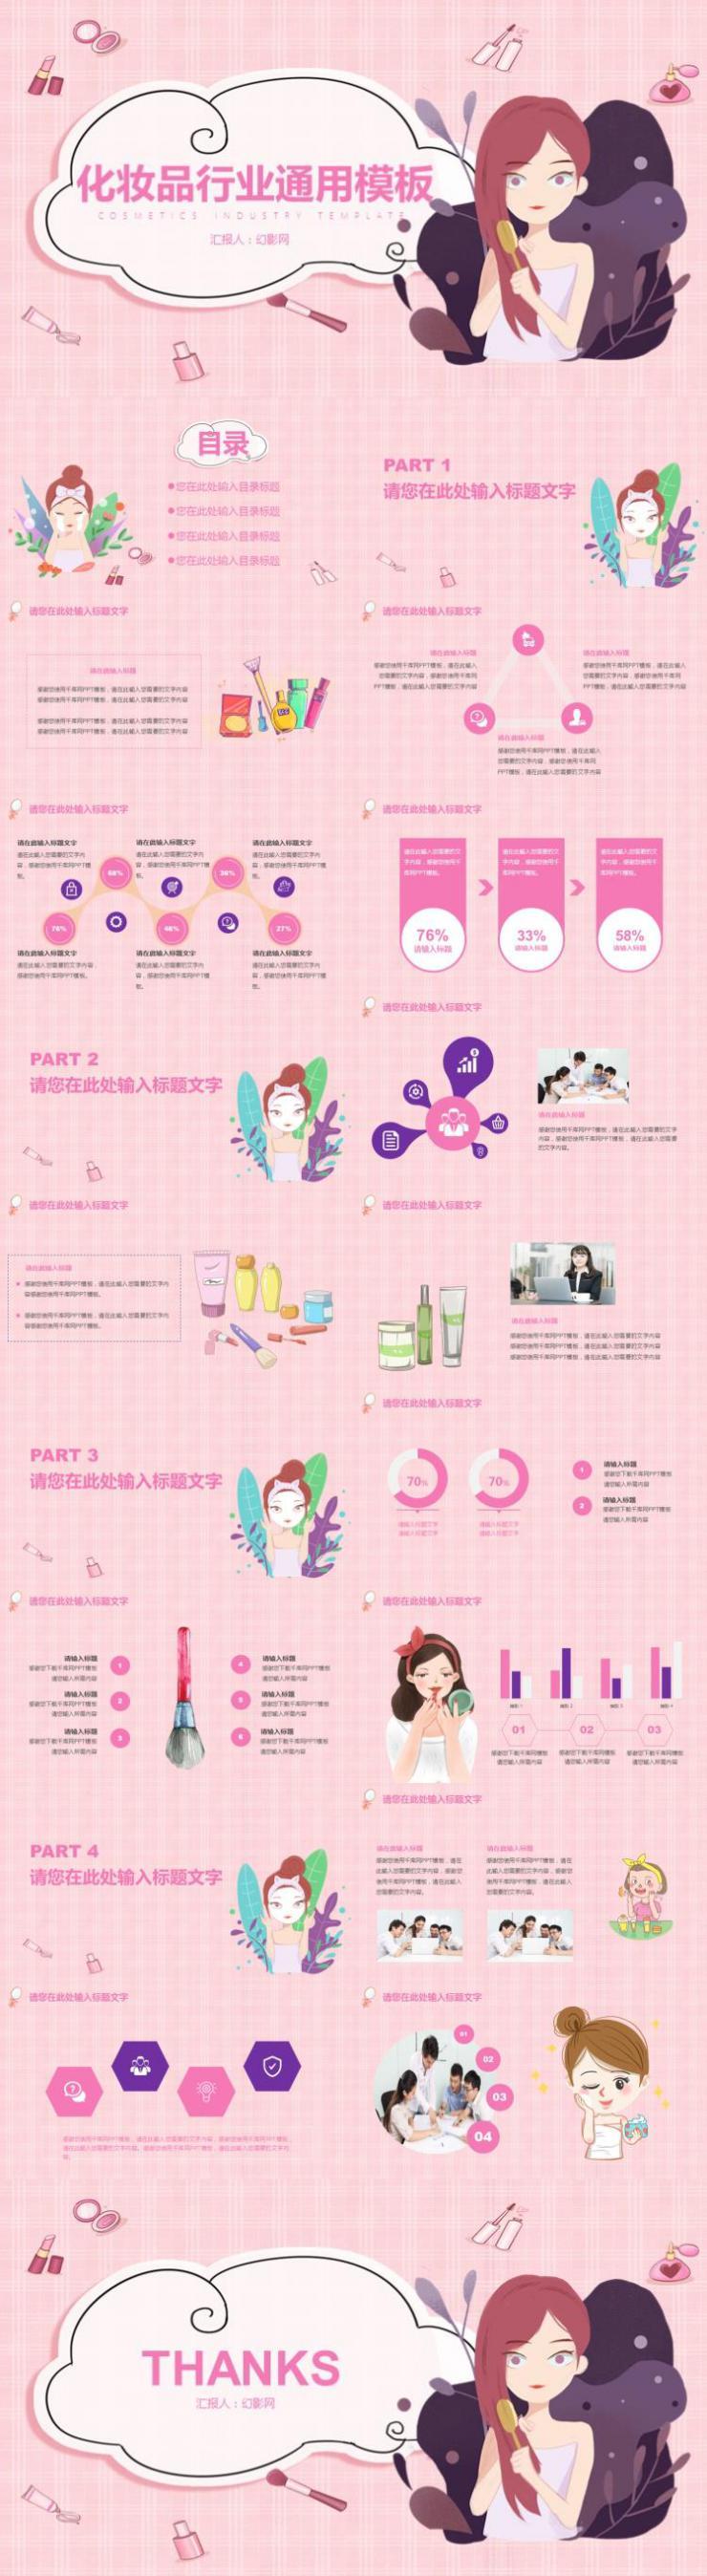 可爱卡通风格化妆品行业通用PPT模板